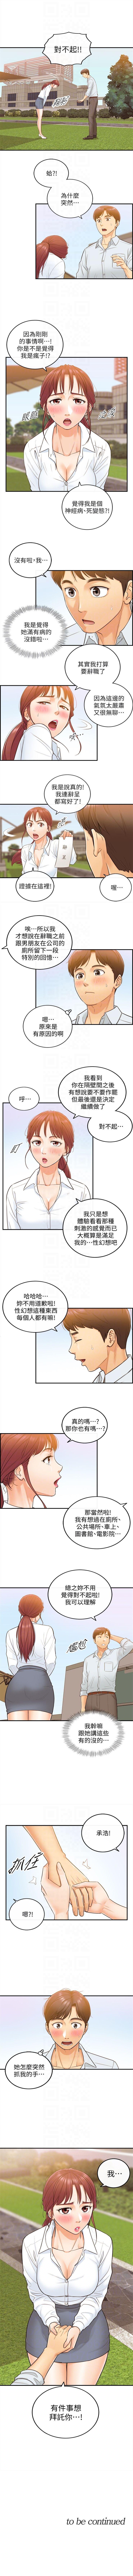 (週5)正妹小主管 1-39 中文翻譯(更新中) 28